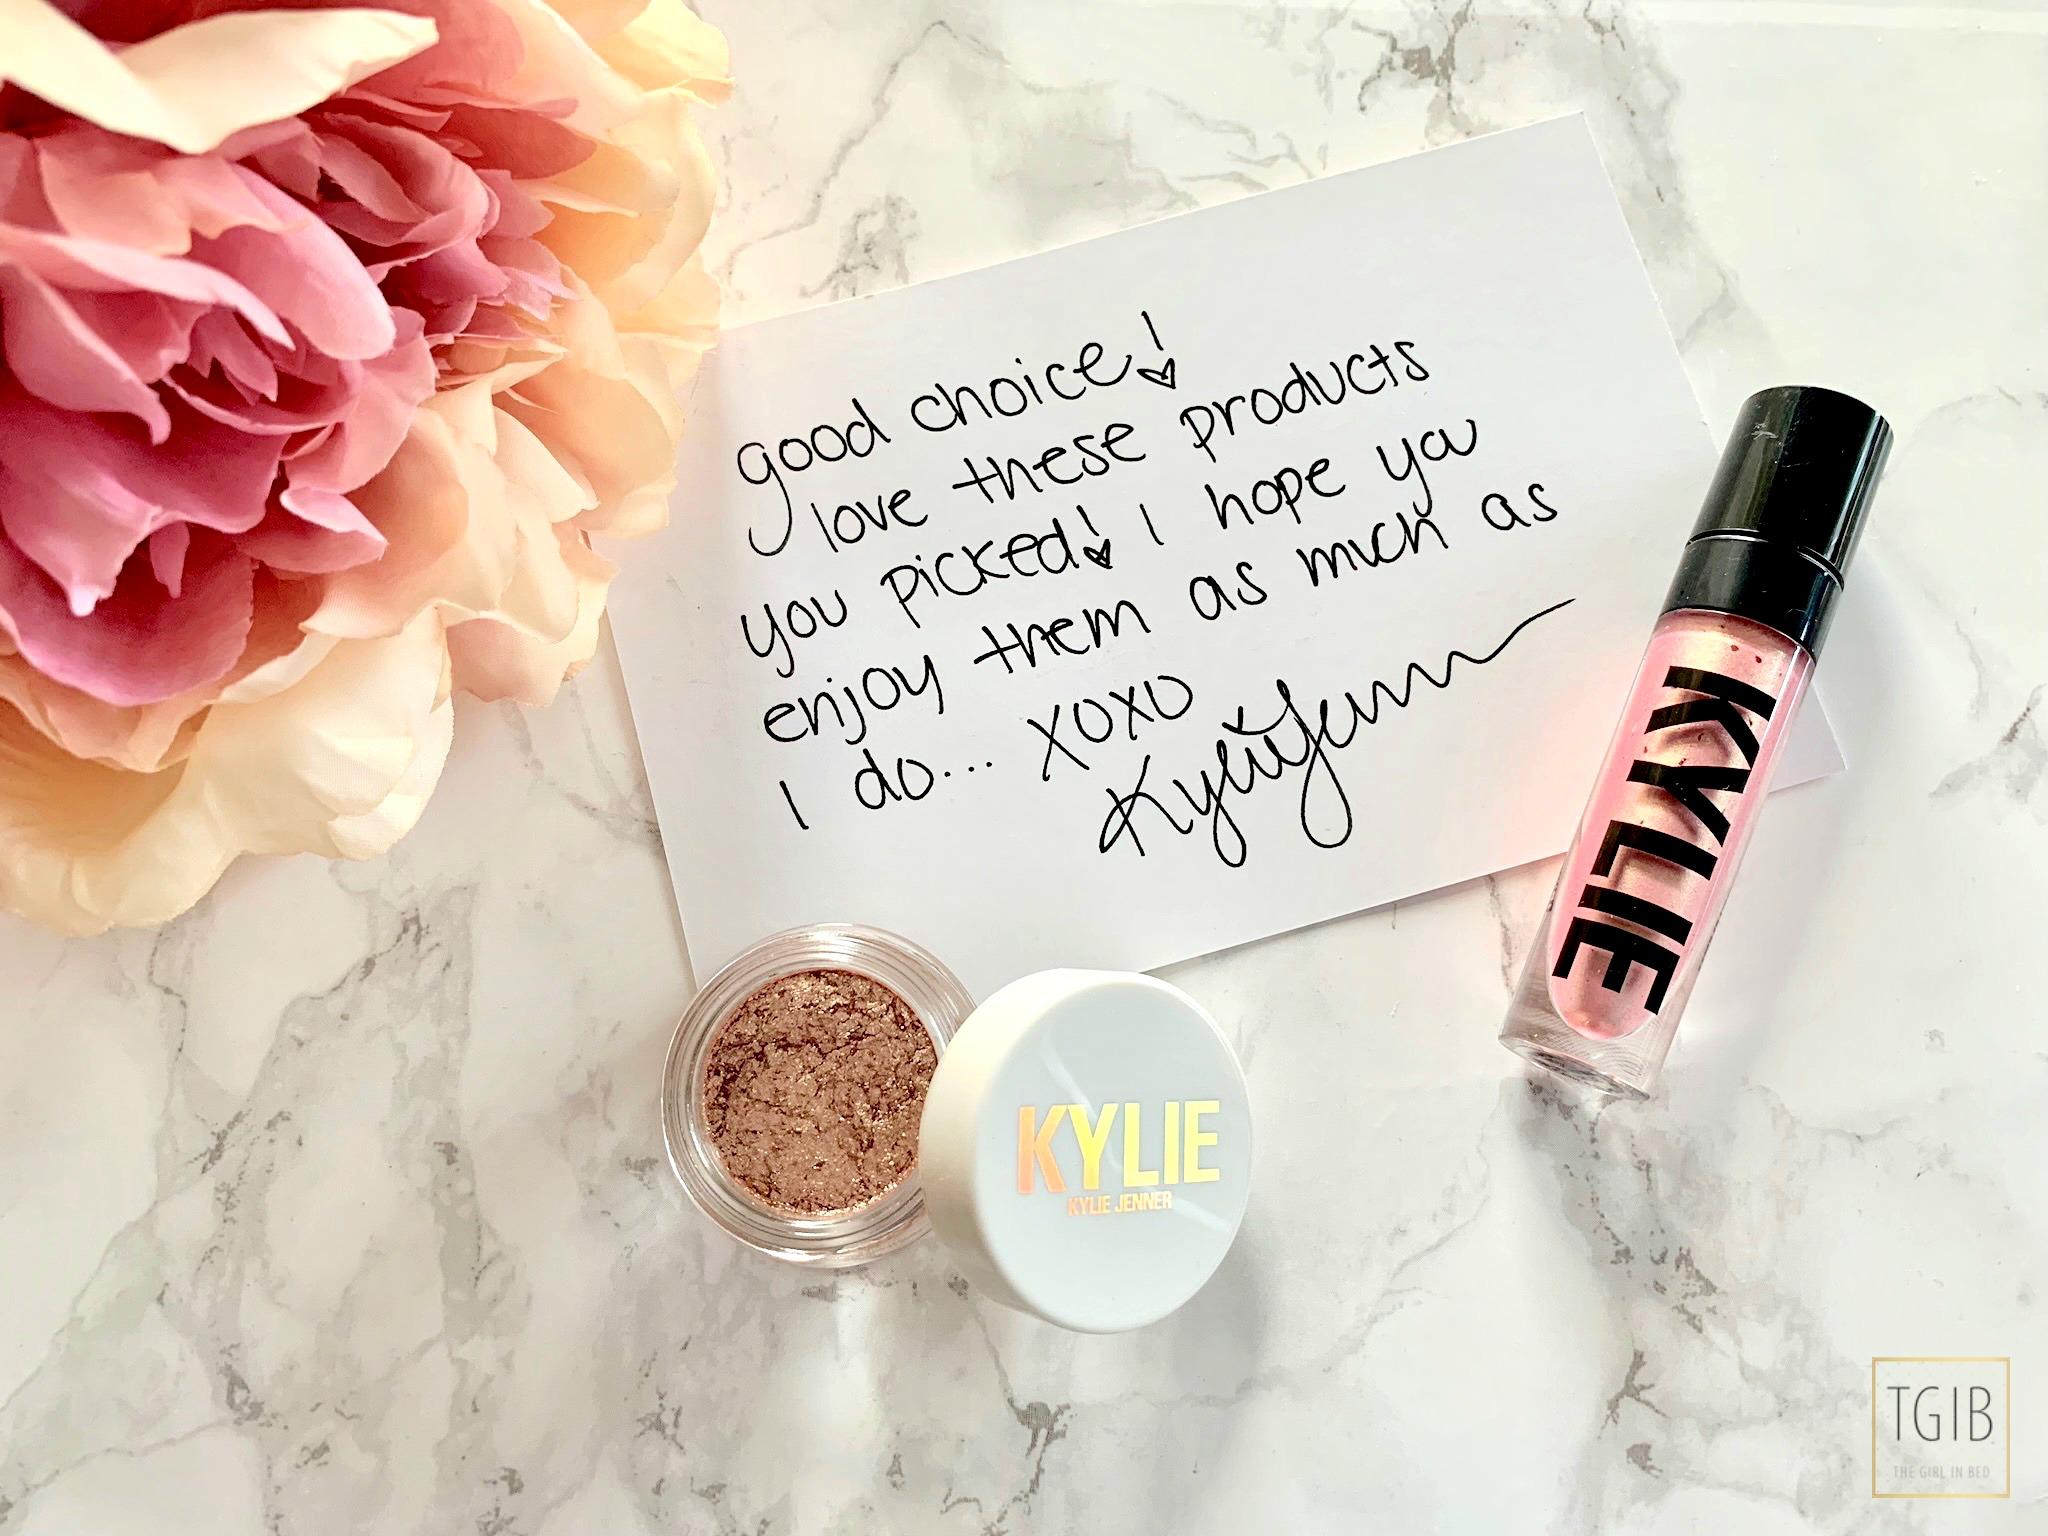 KylieCosmetics Shoplog Shimmer Eye Glaze - Night Swim Glitter Eyes - Eat Cake